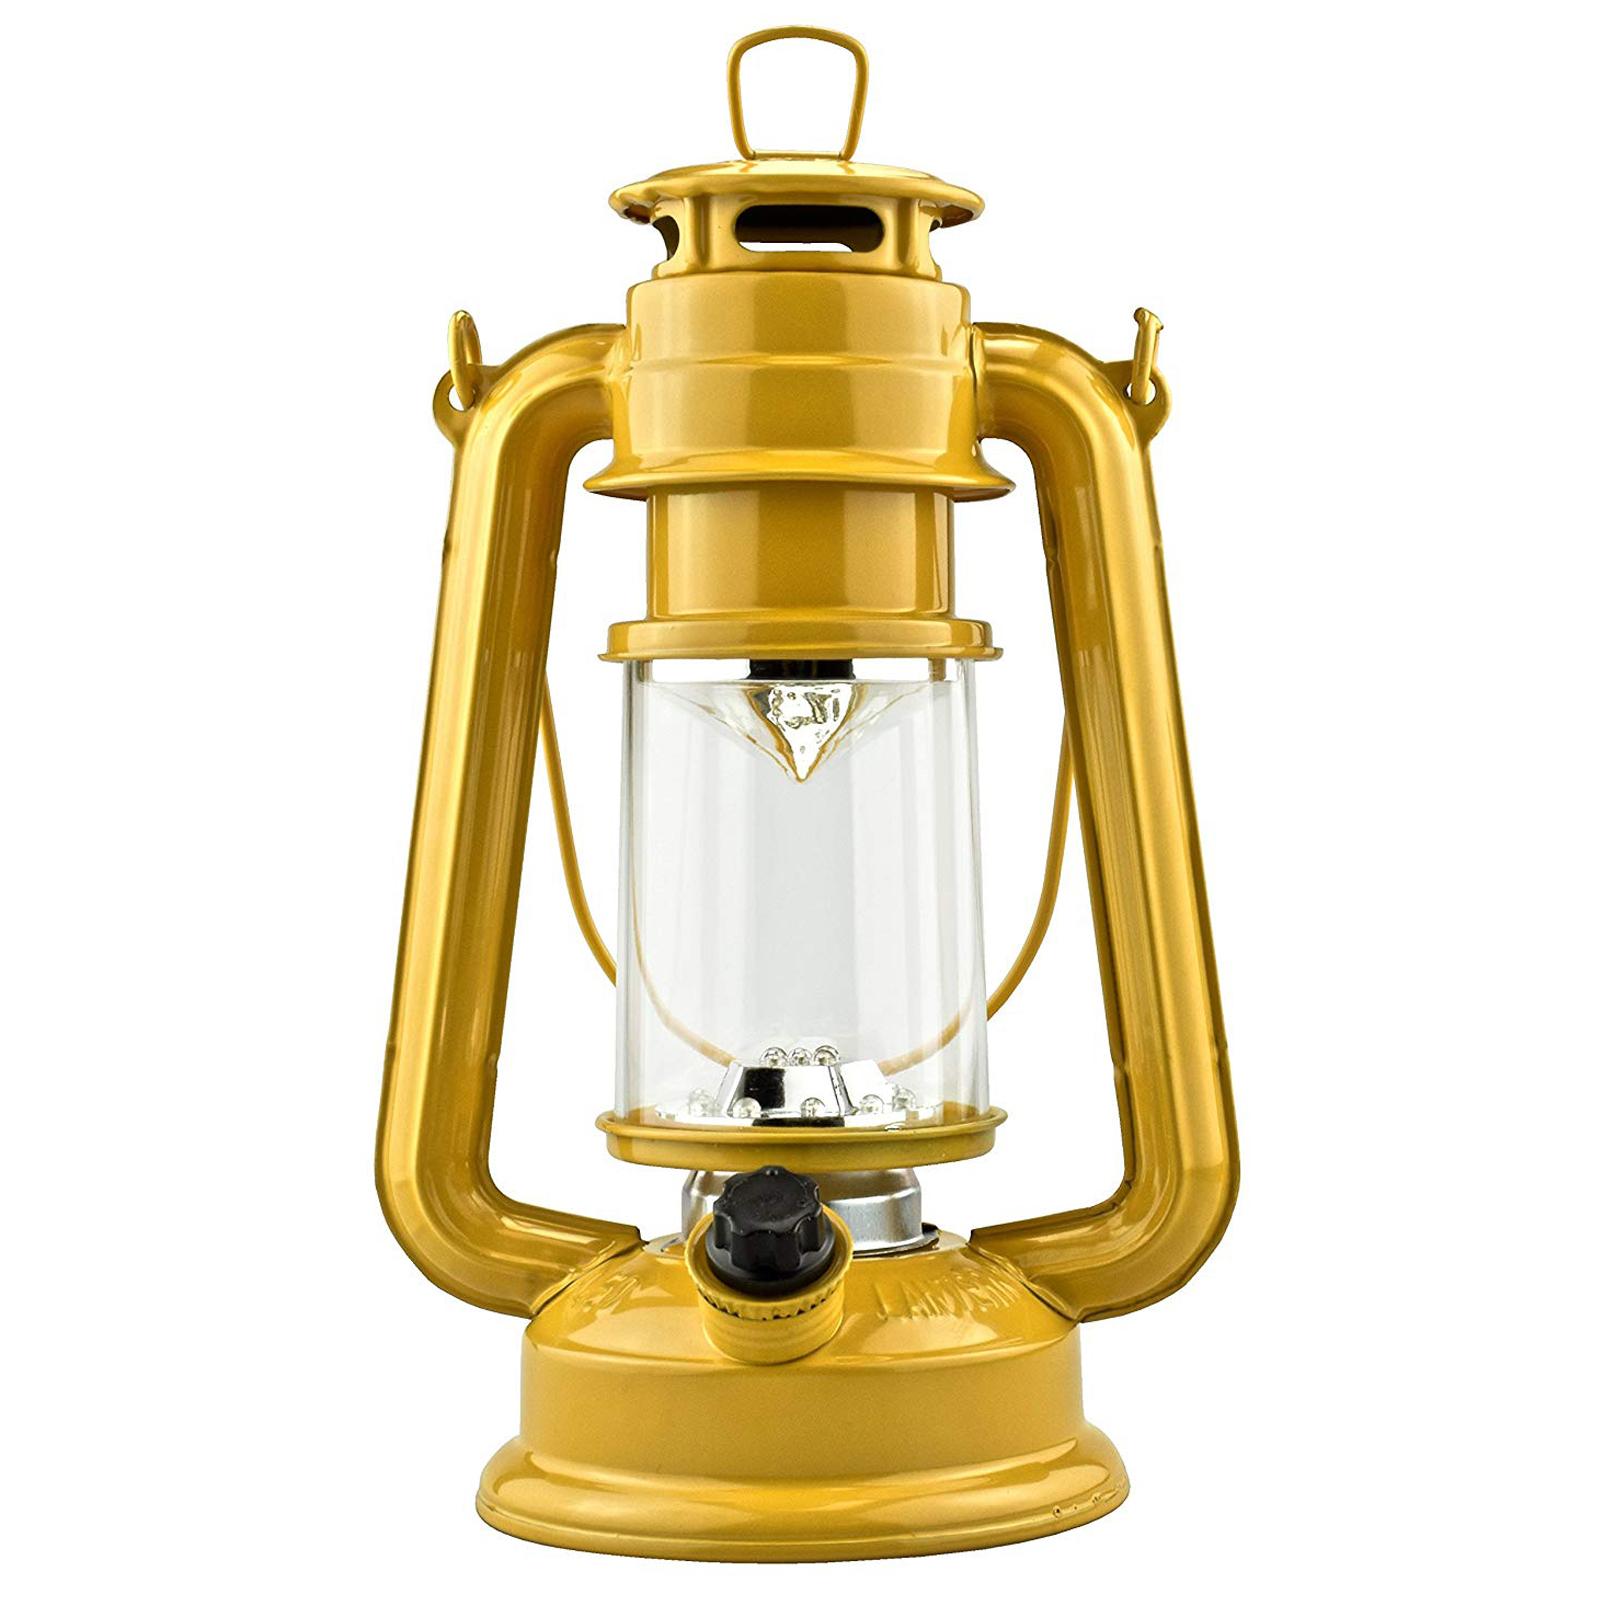 15 LED 9.5 in Hurricane Hanging Lantern Camping Light Yellow